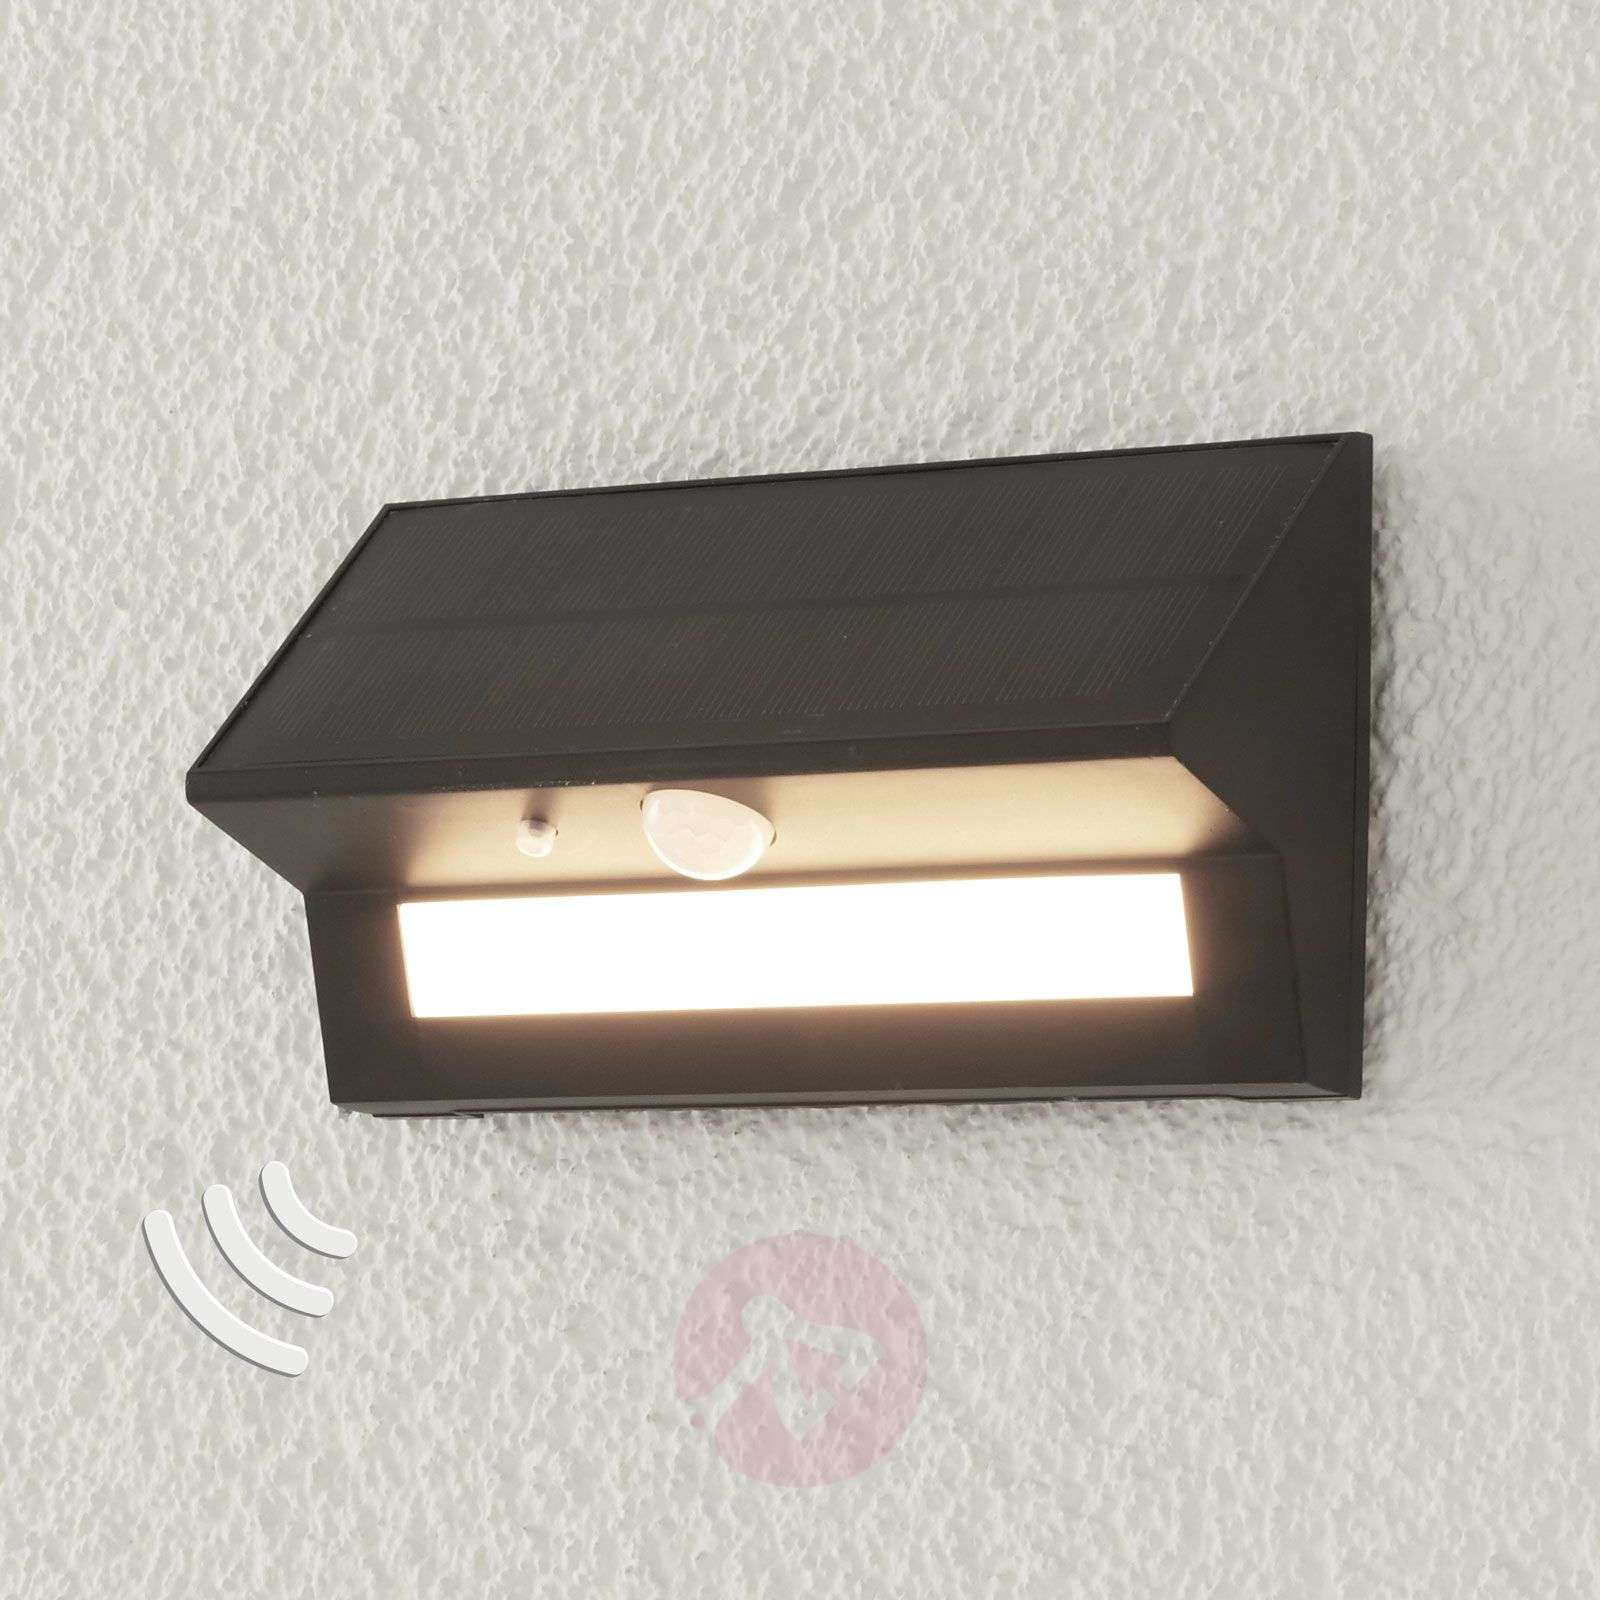 Aurinkokäyttöinen LED-ulkoseinävalaisin Kristiana-9988195-02